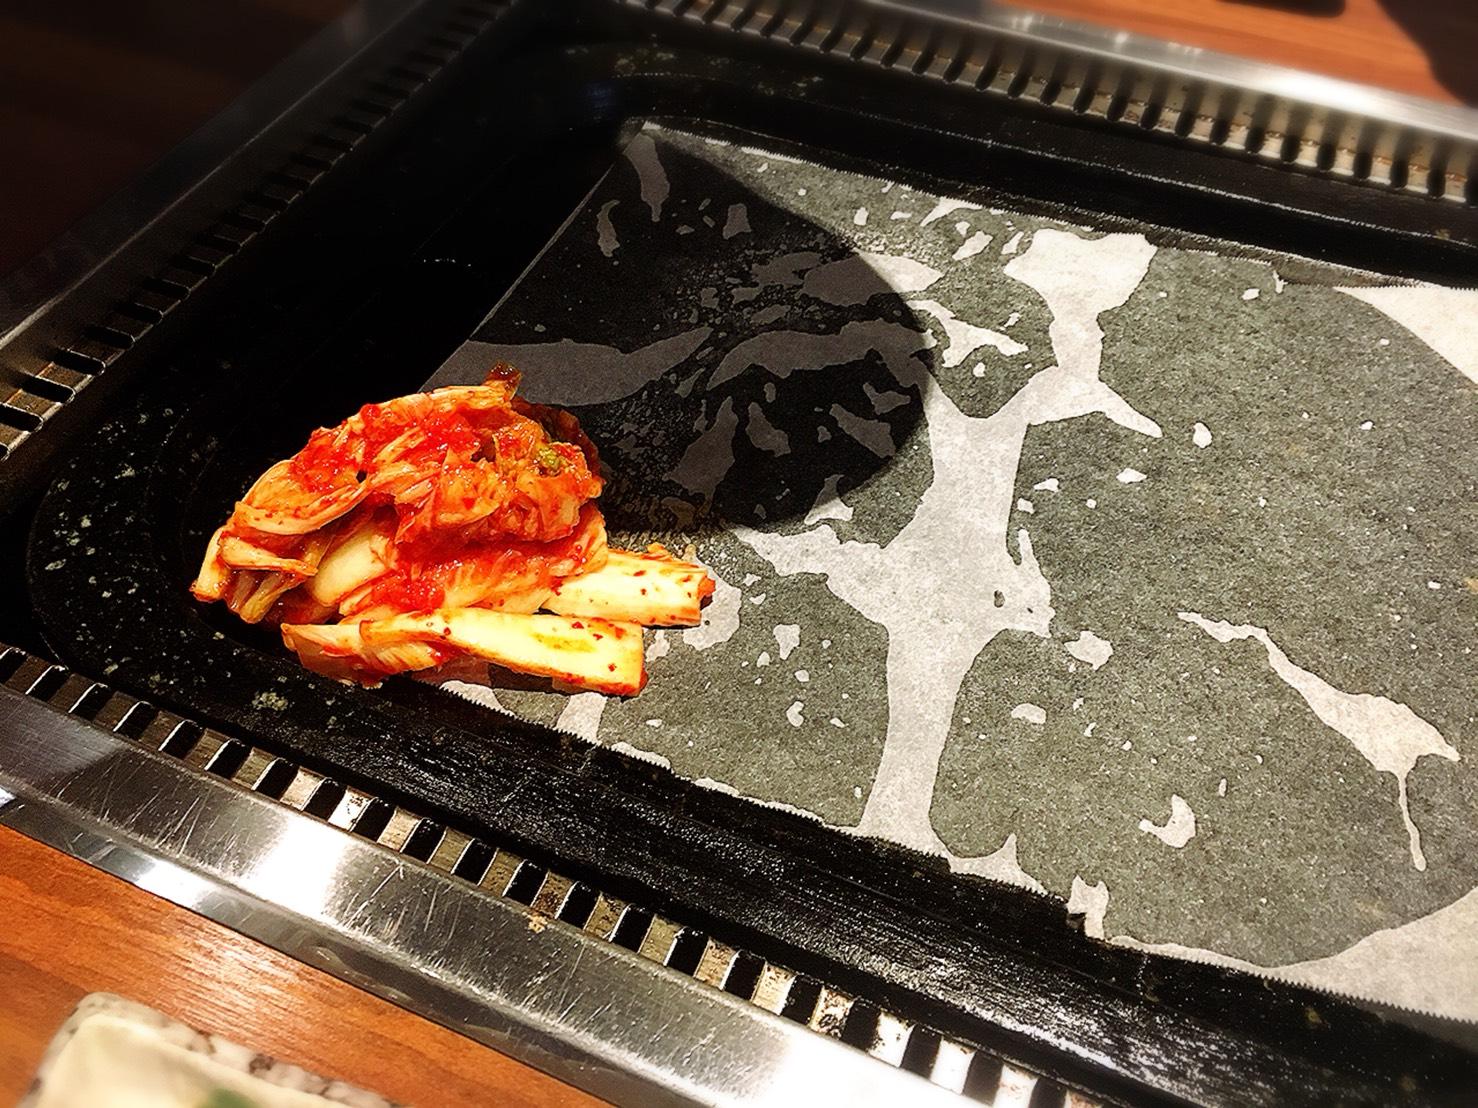 【池袋駅】学生人気高め!韓国料理1,980円食べ放題の激安!「トンチュヤ 池袋東口店」の鉄板